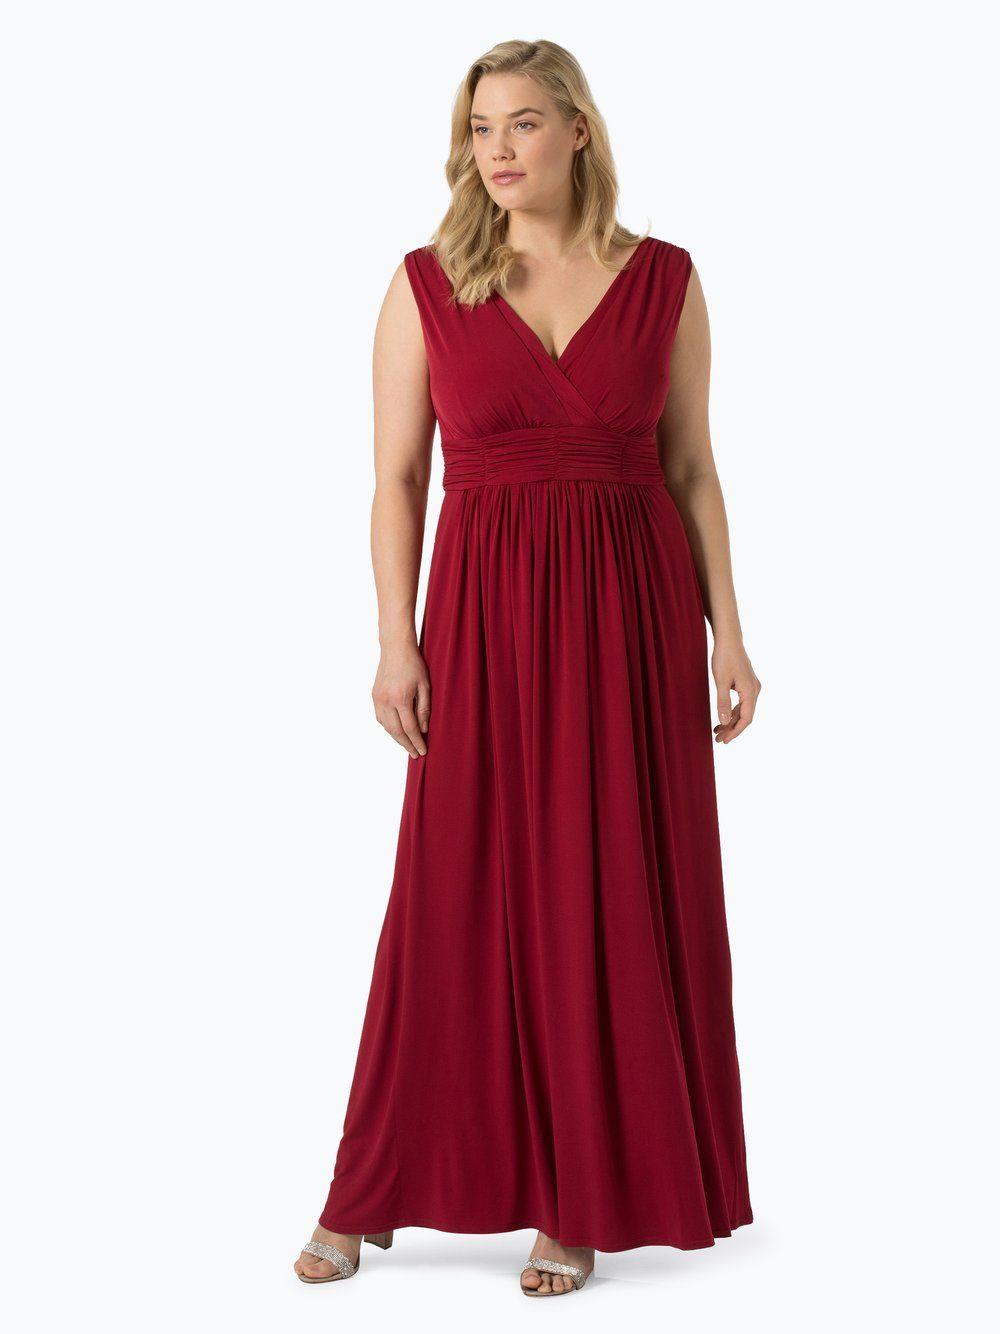 Swing Curve Abendkleid rot  Abendkleid, Kleider und Formelle kleider